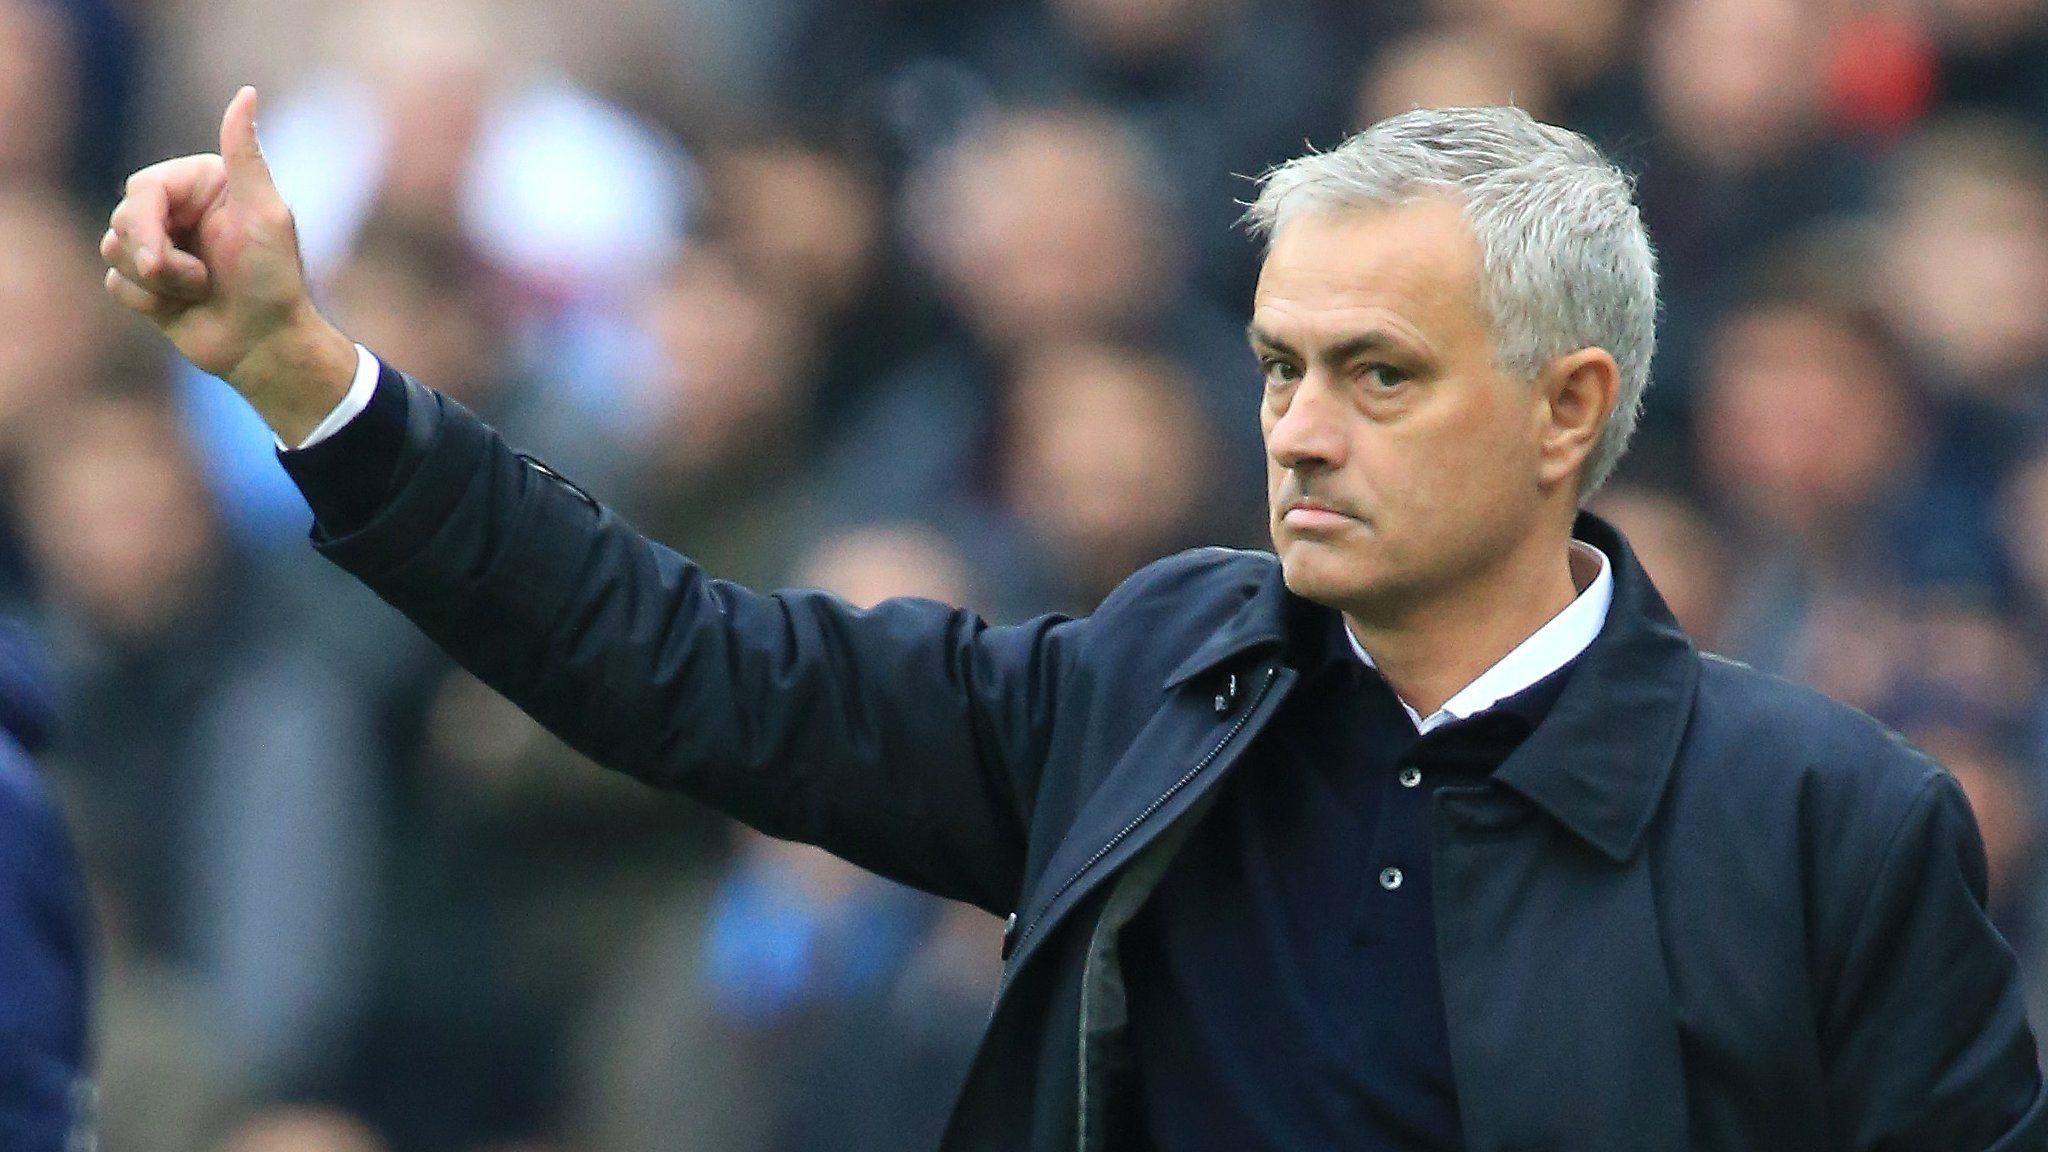 Mourinho: i will win trophies at tottenham - Bóng Đá